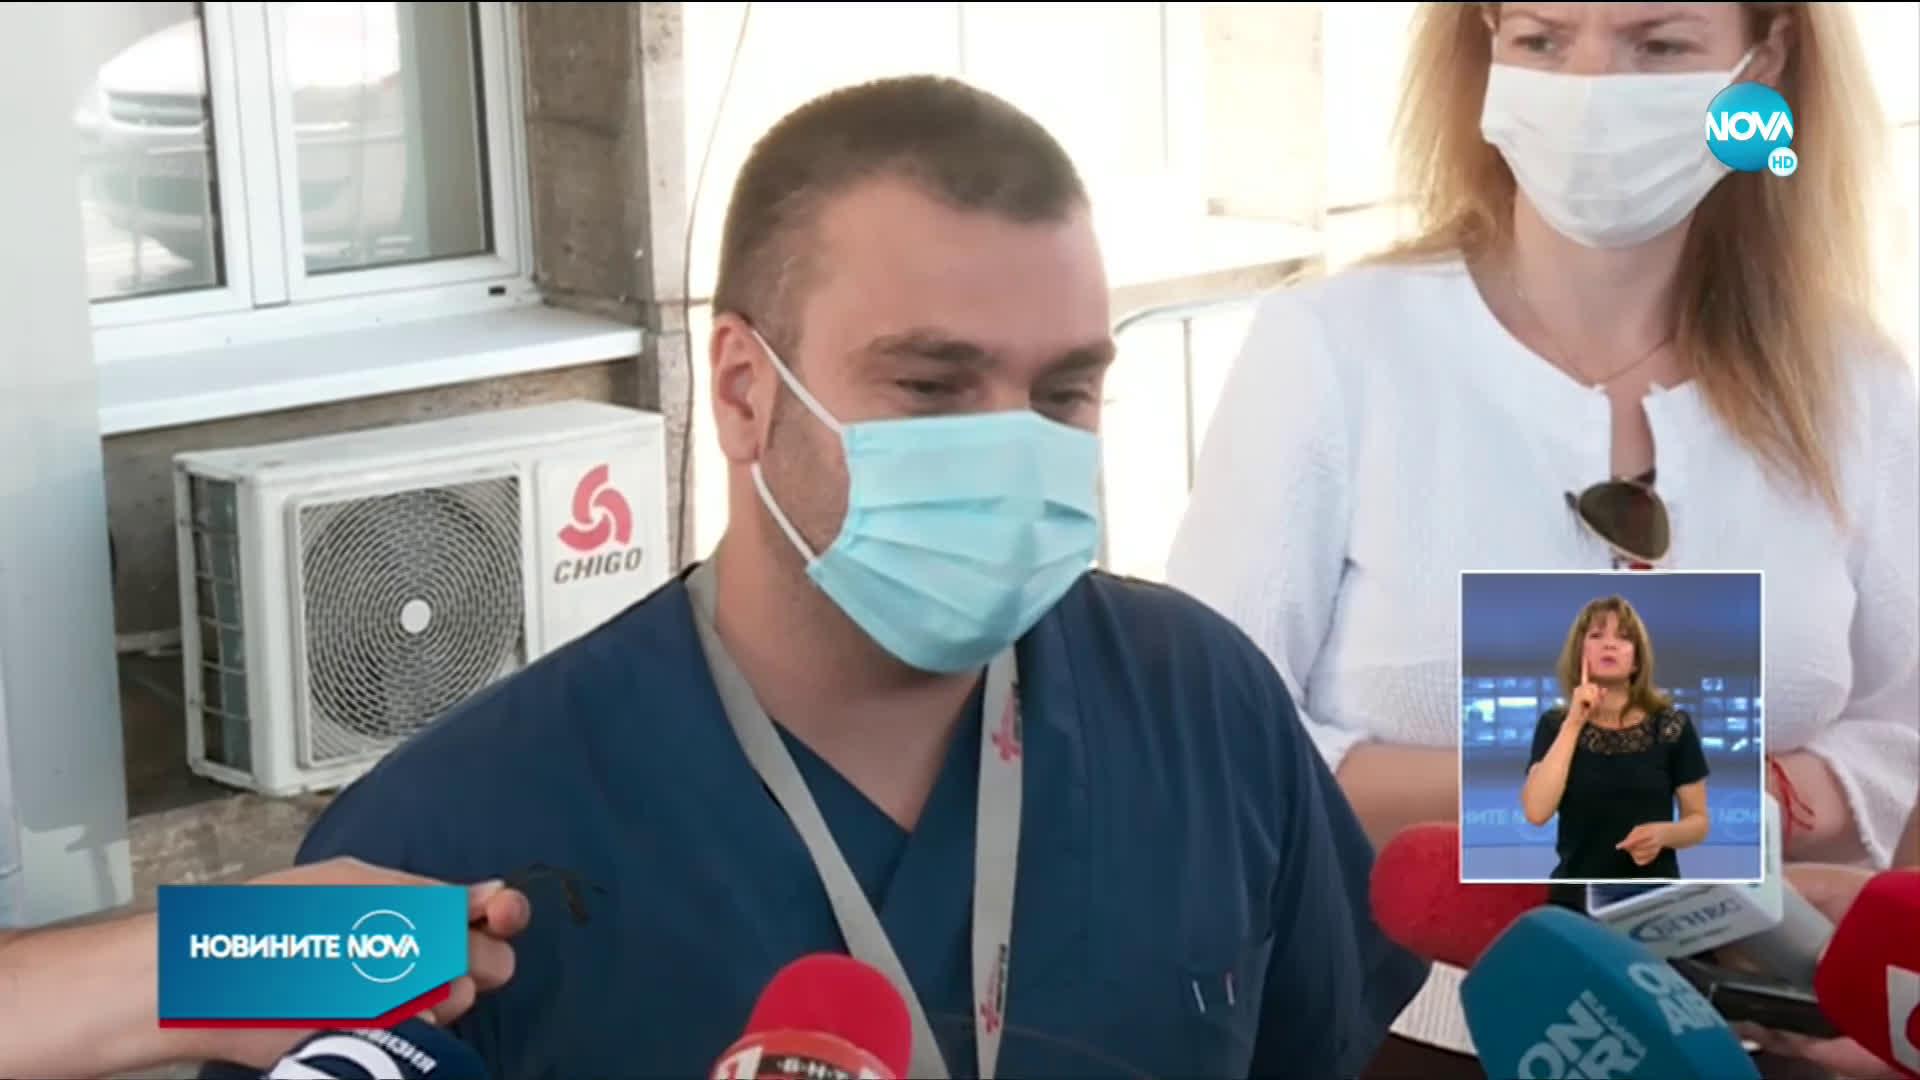 Ренета Инджова е със счупена ръка, предстои й операция